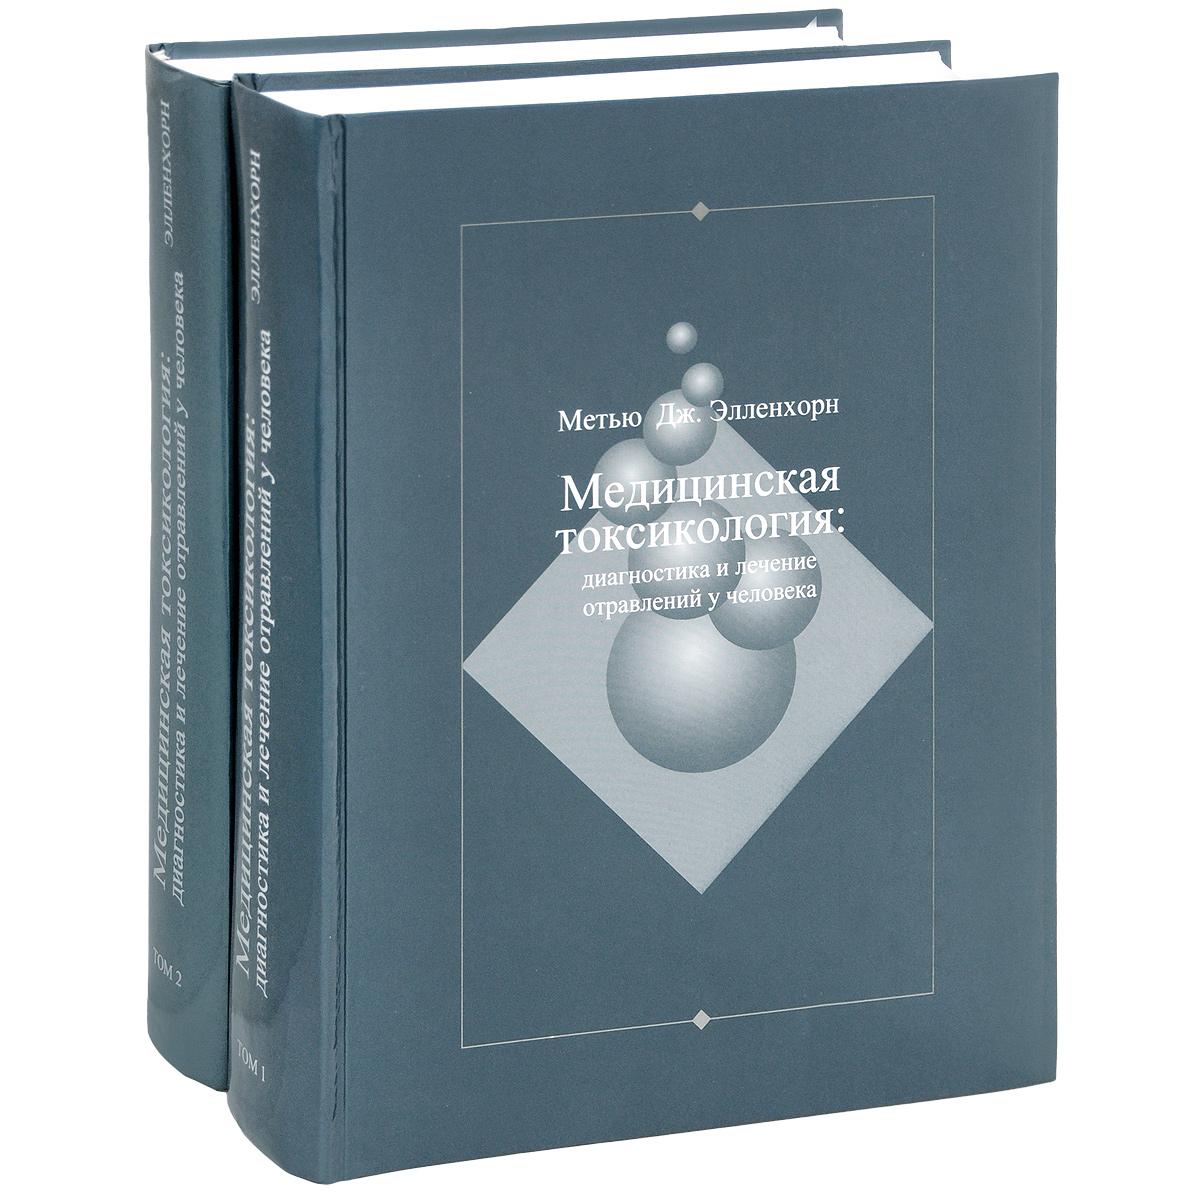 Медицинская токсикология. Диагностика и лечение отравлений у человека. В 2 томах (комплект) ( 5-225-03320-2, 0-683-30031-8, 5-225-03323-7 )